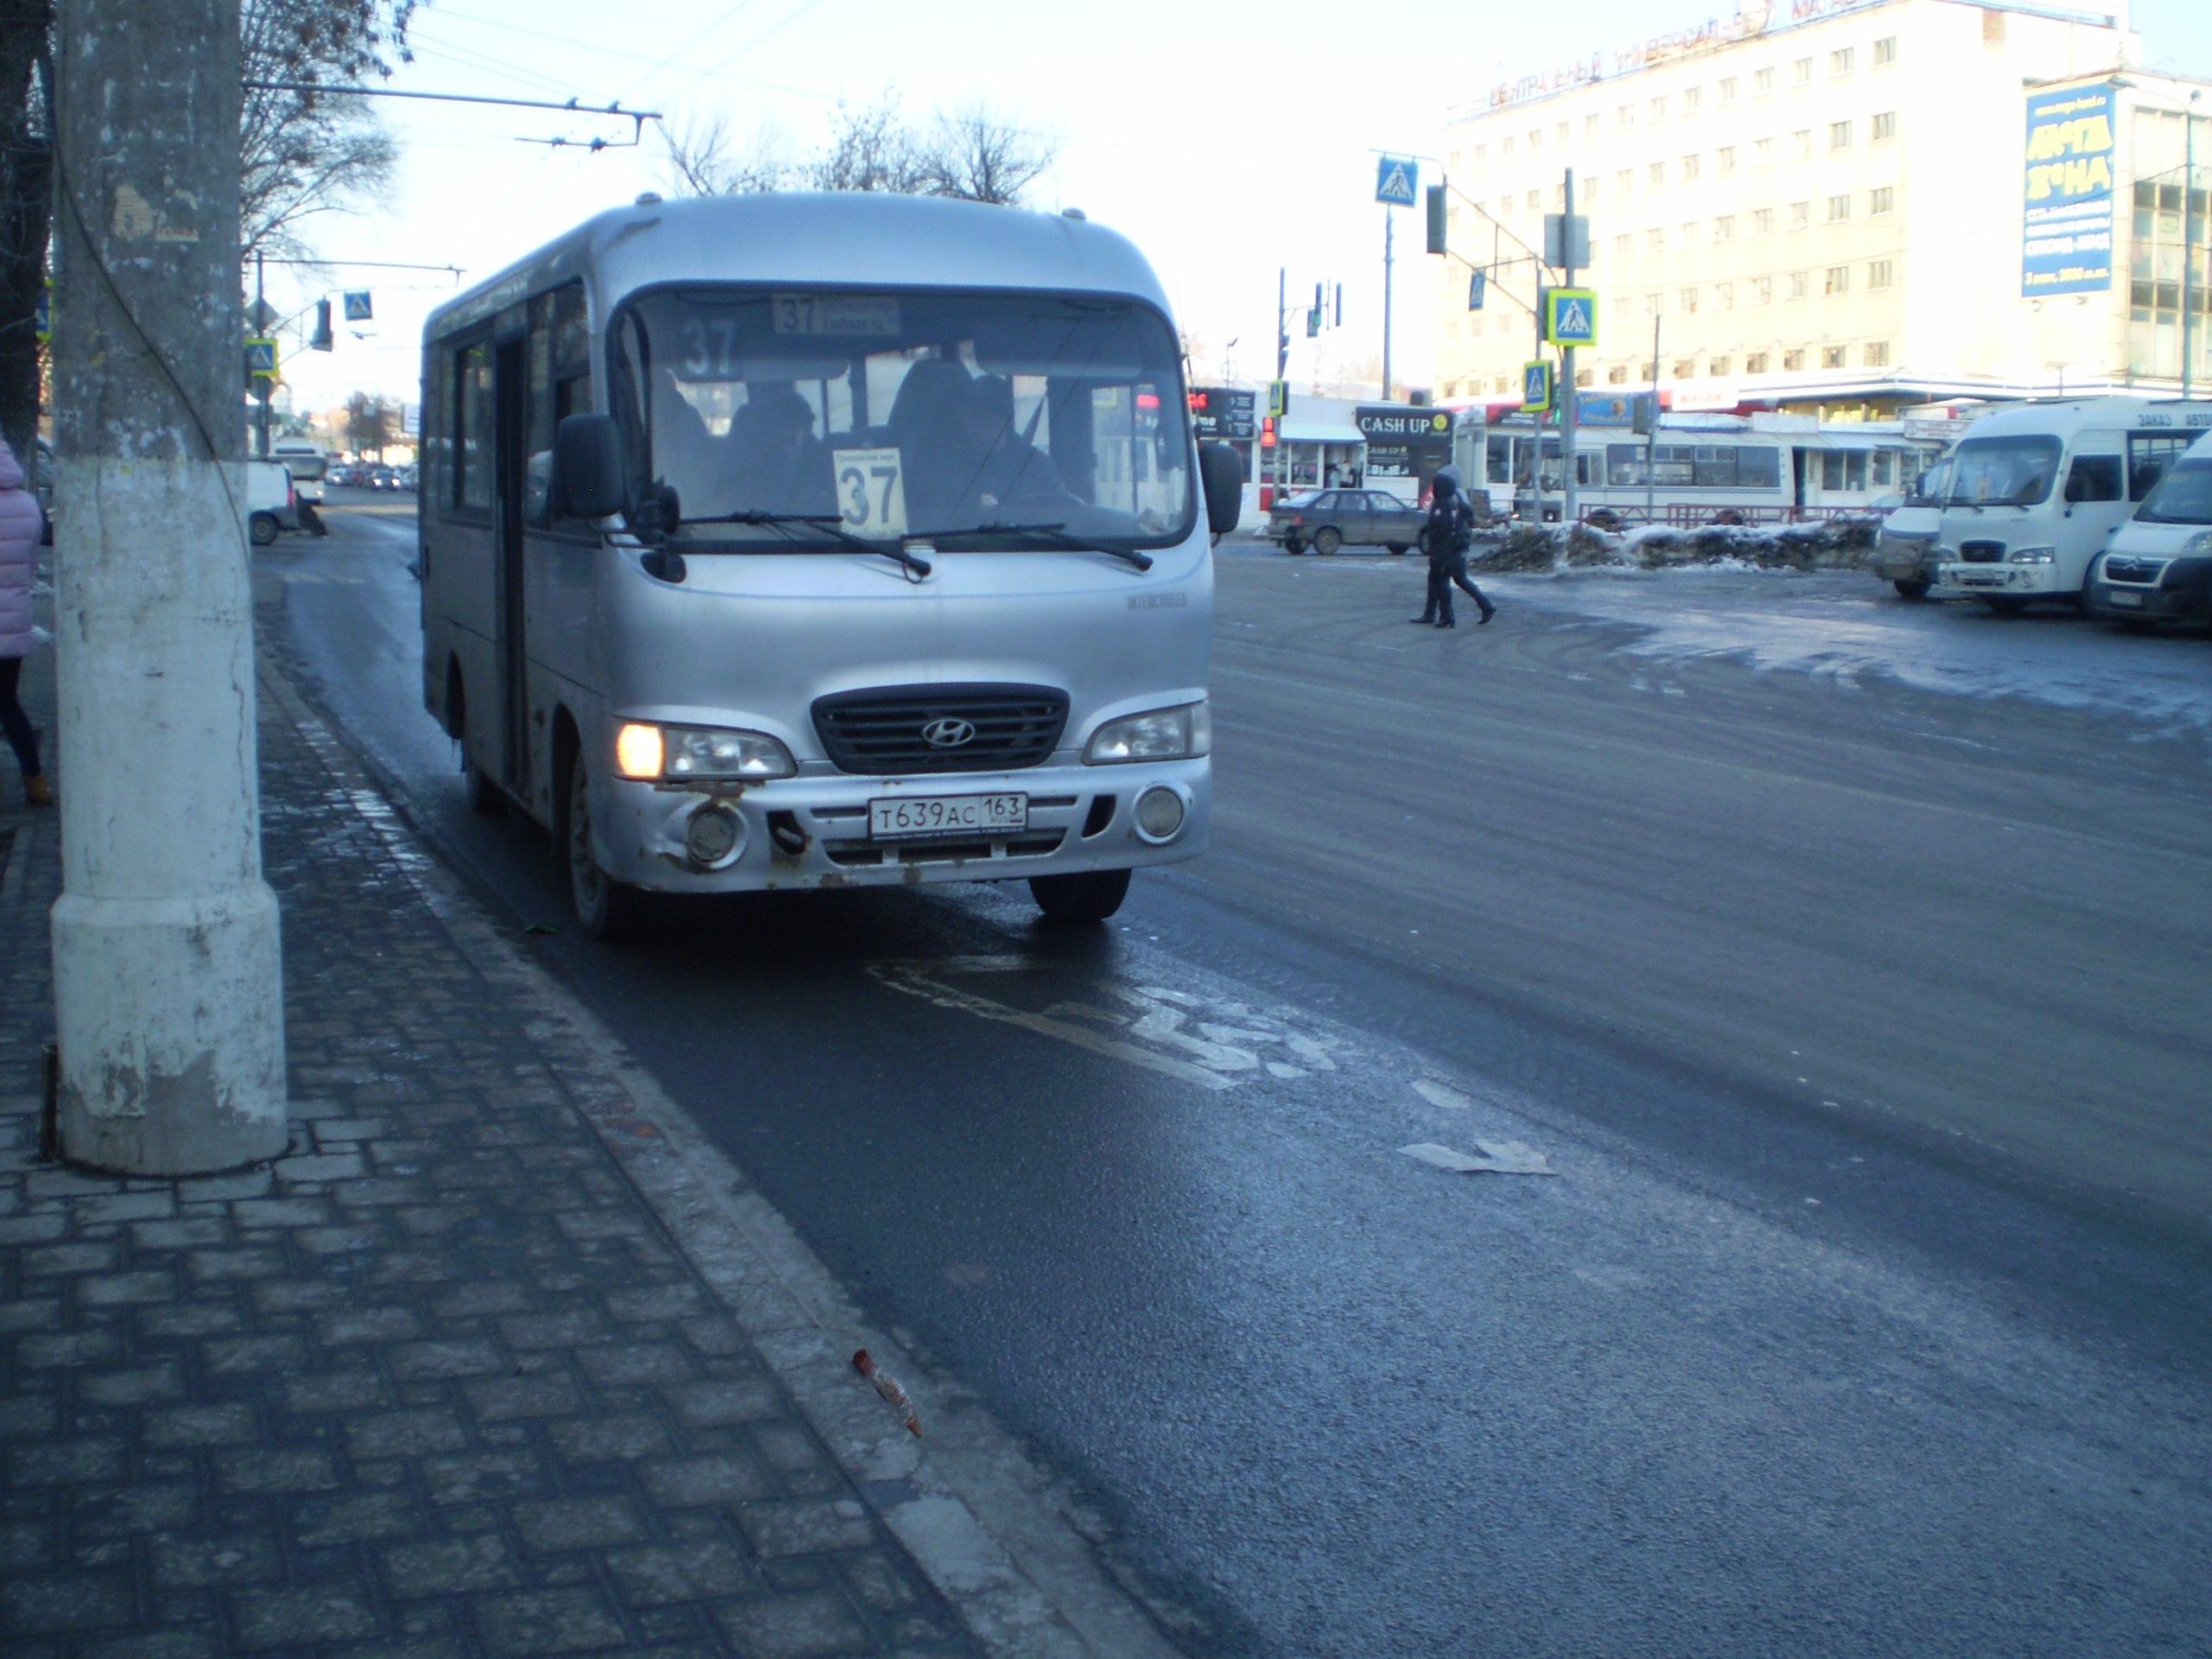 улицах частные маршрутки компания екатеринбург таня отвечает его